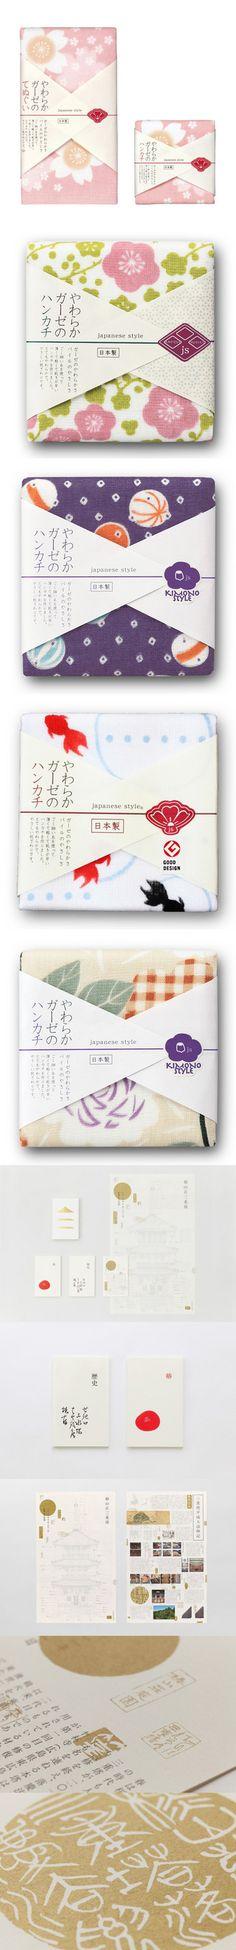 Handkerchief package design